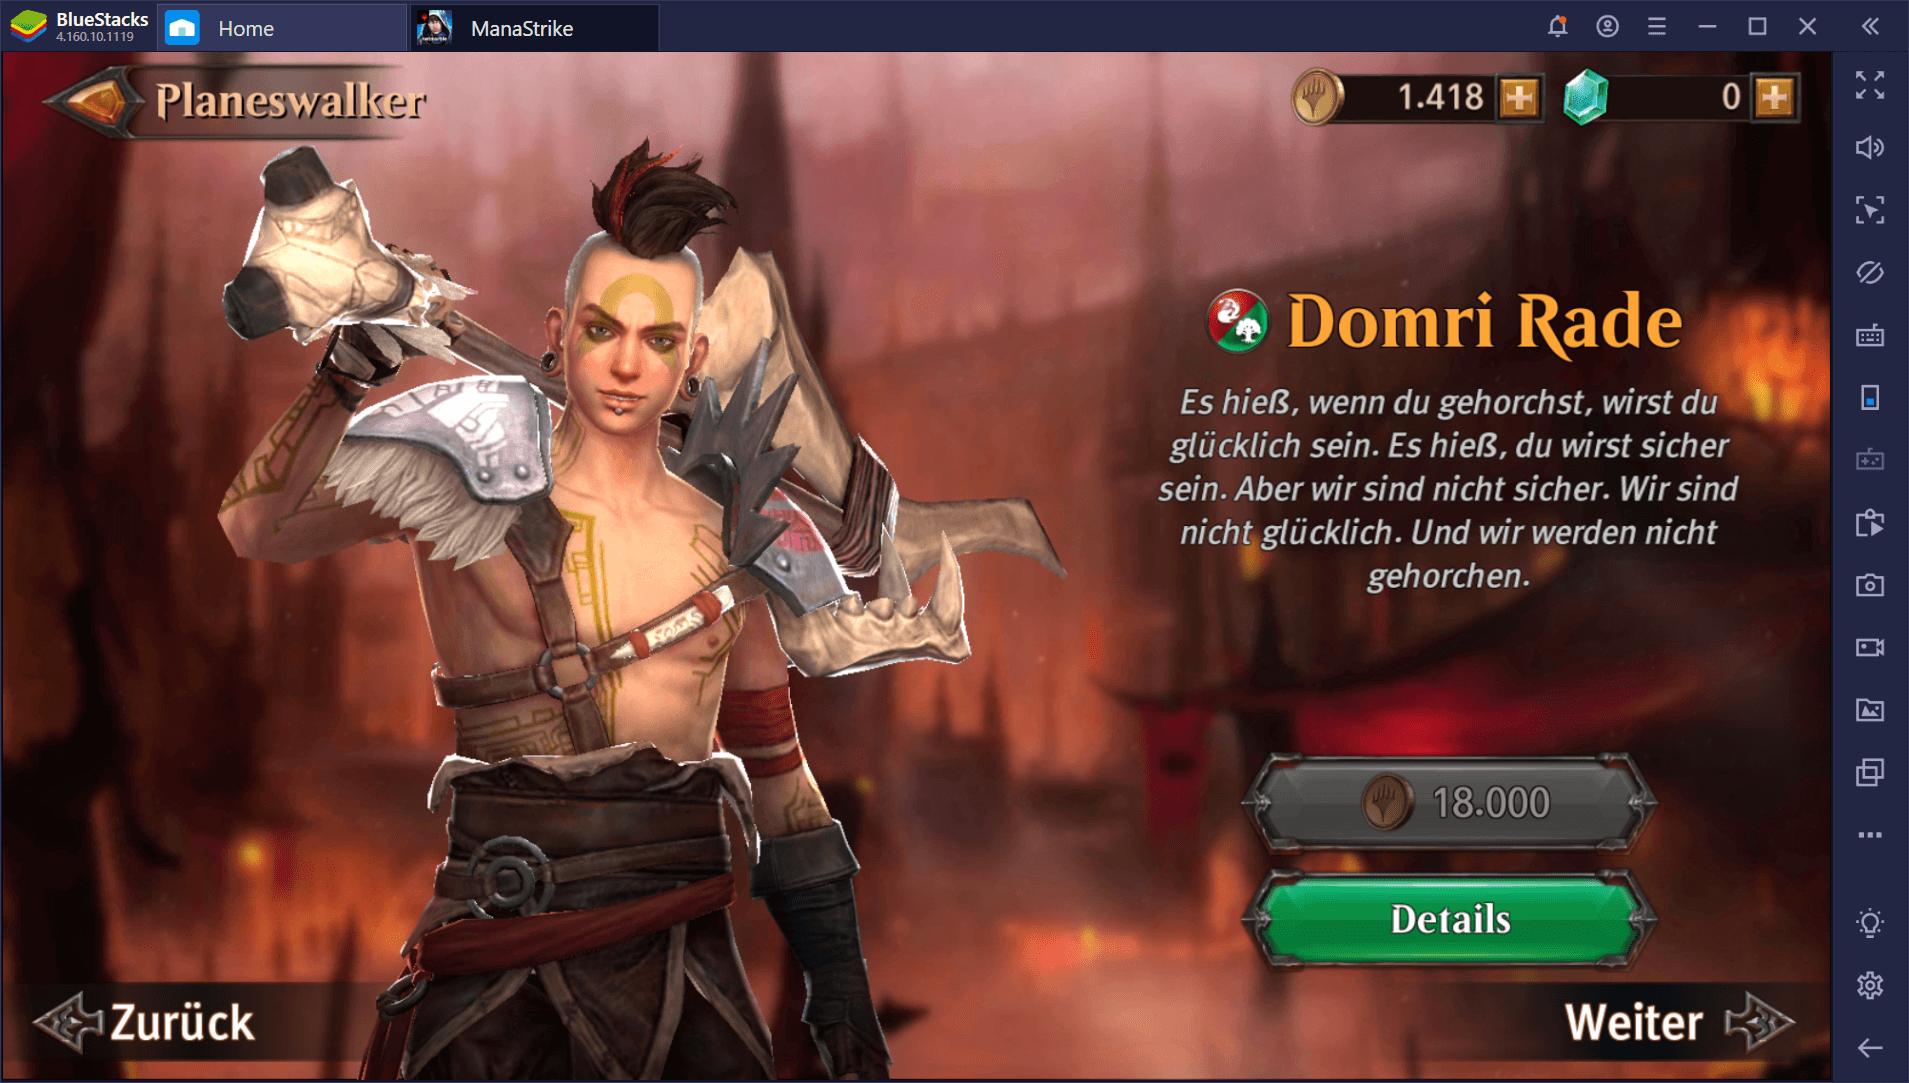 So steigst du in Magic: ManaStrike auf dem PC schnell auf